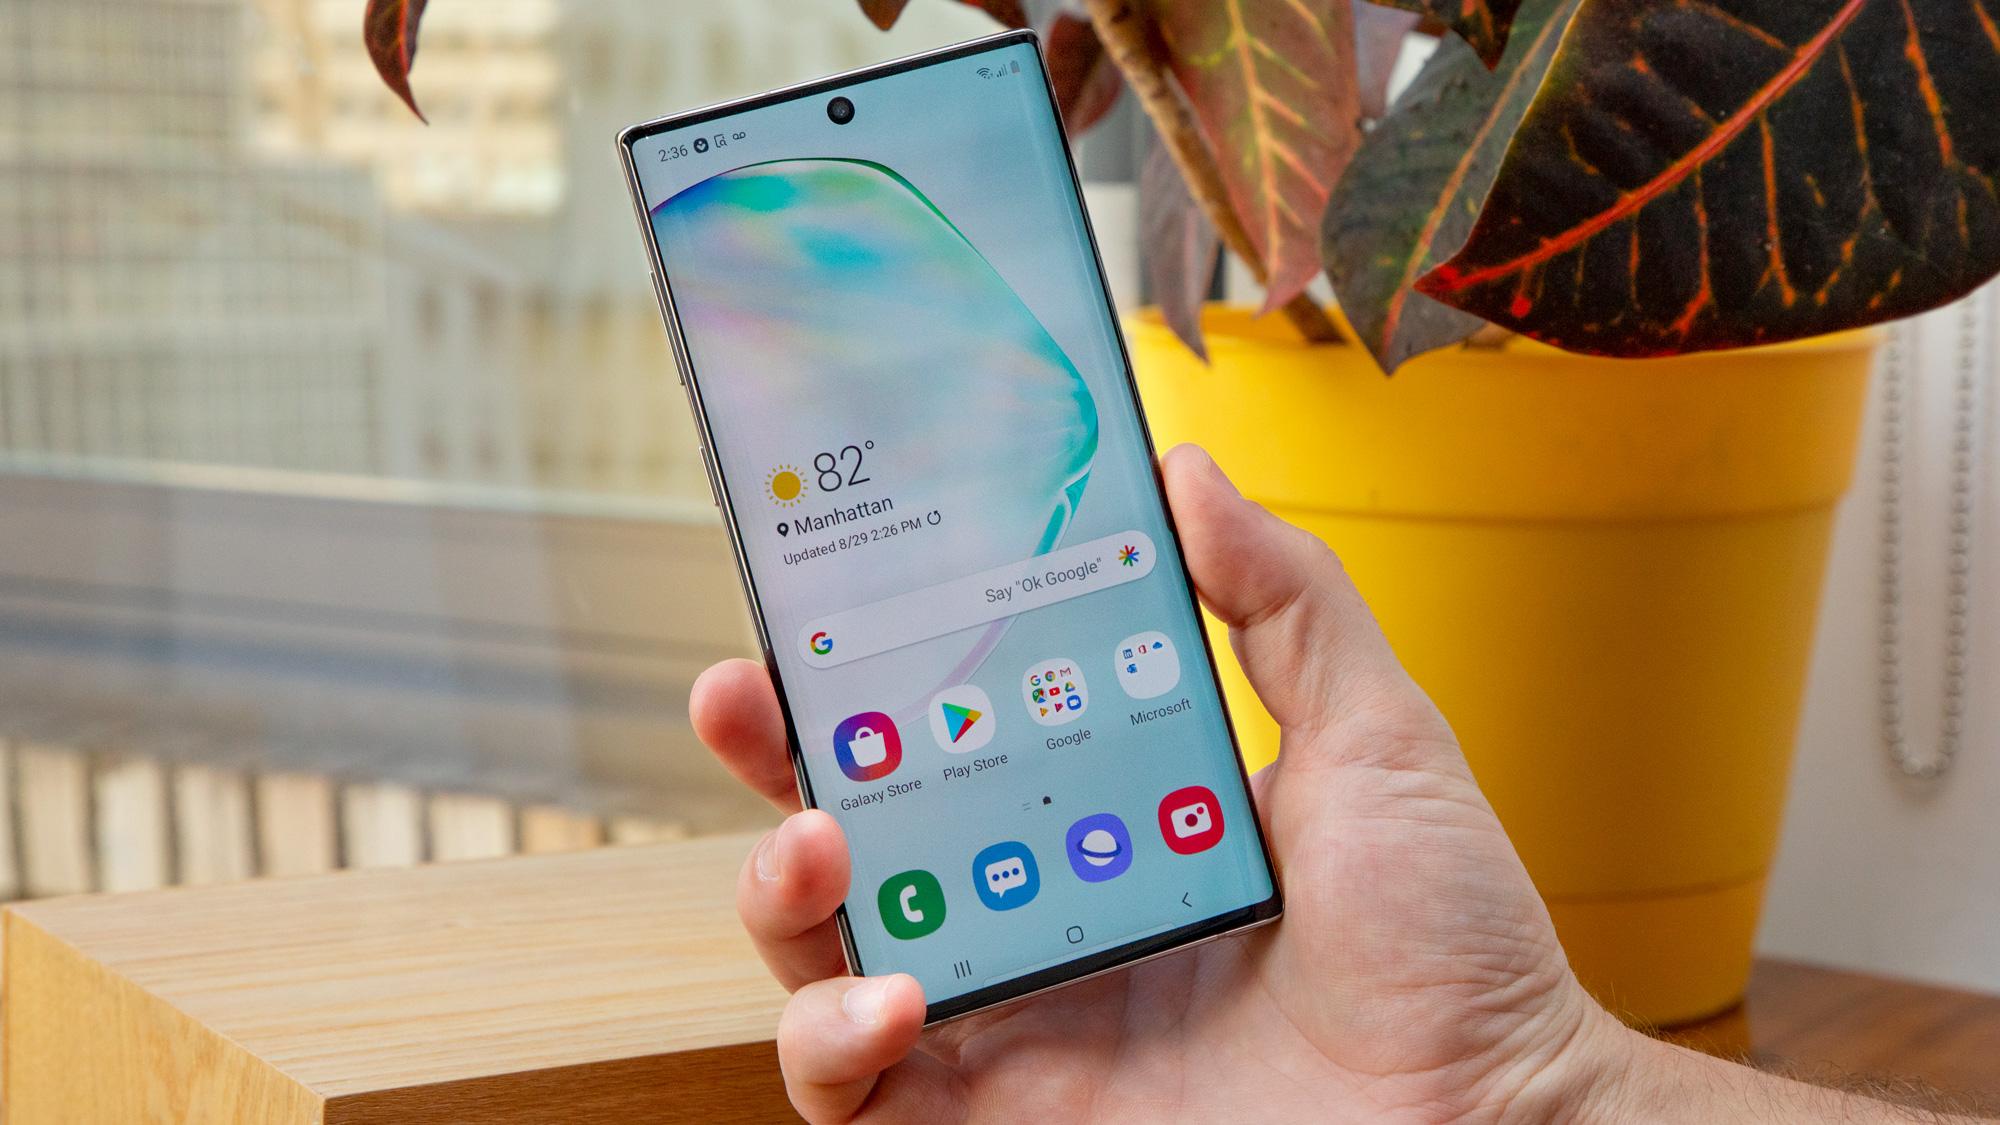 بیشترین سهم بازار موبایل از آن کدام شرکت است؟